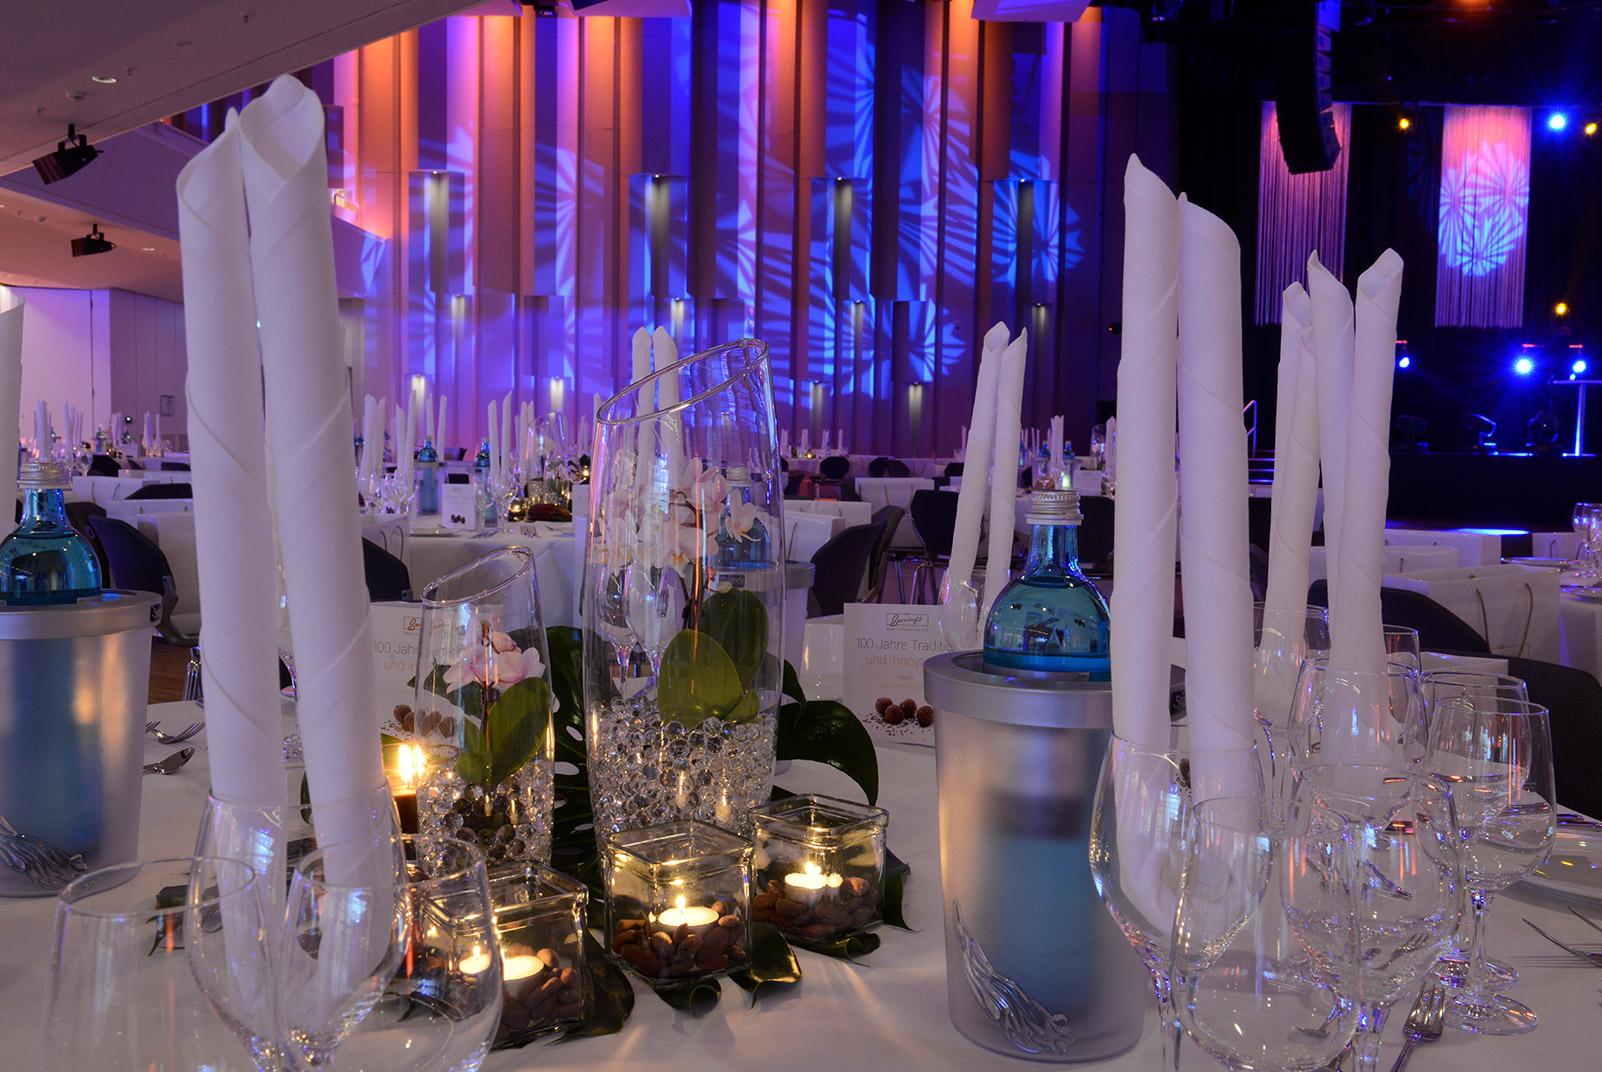 gedeckter Tisch in einem festsaal